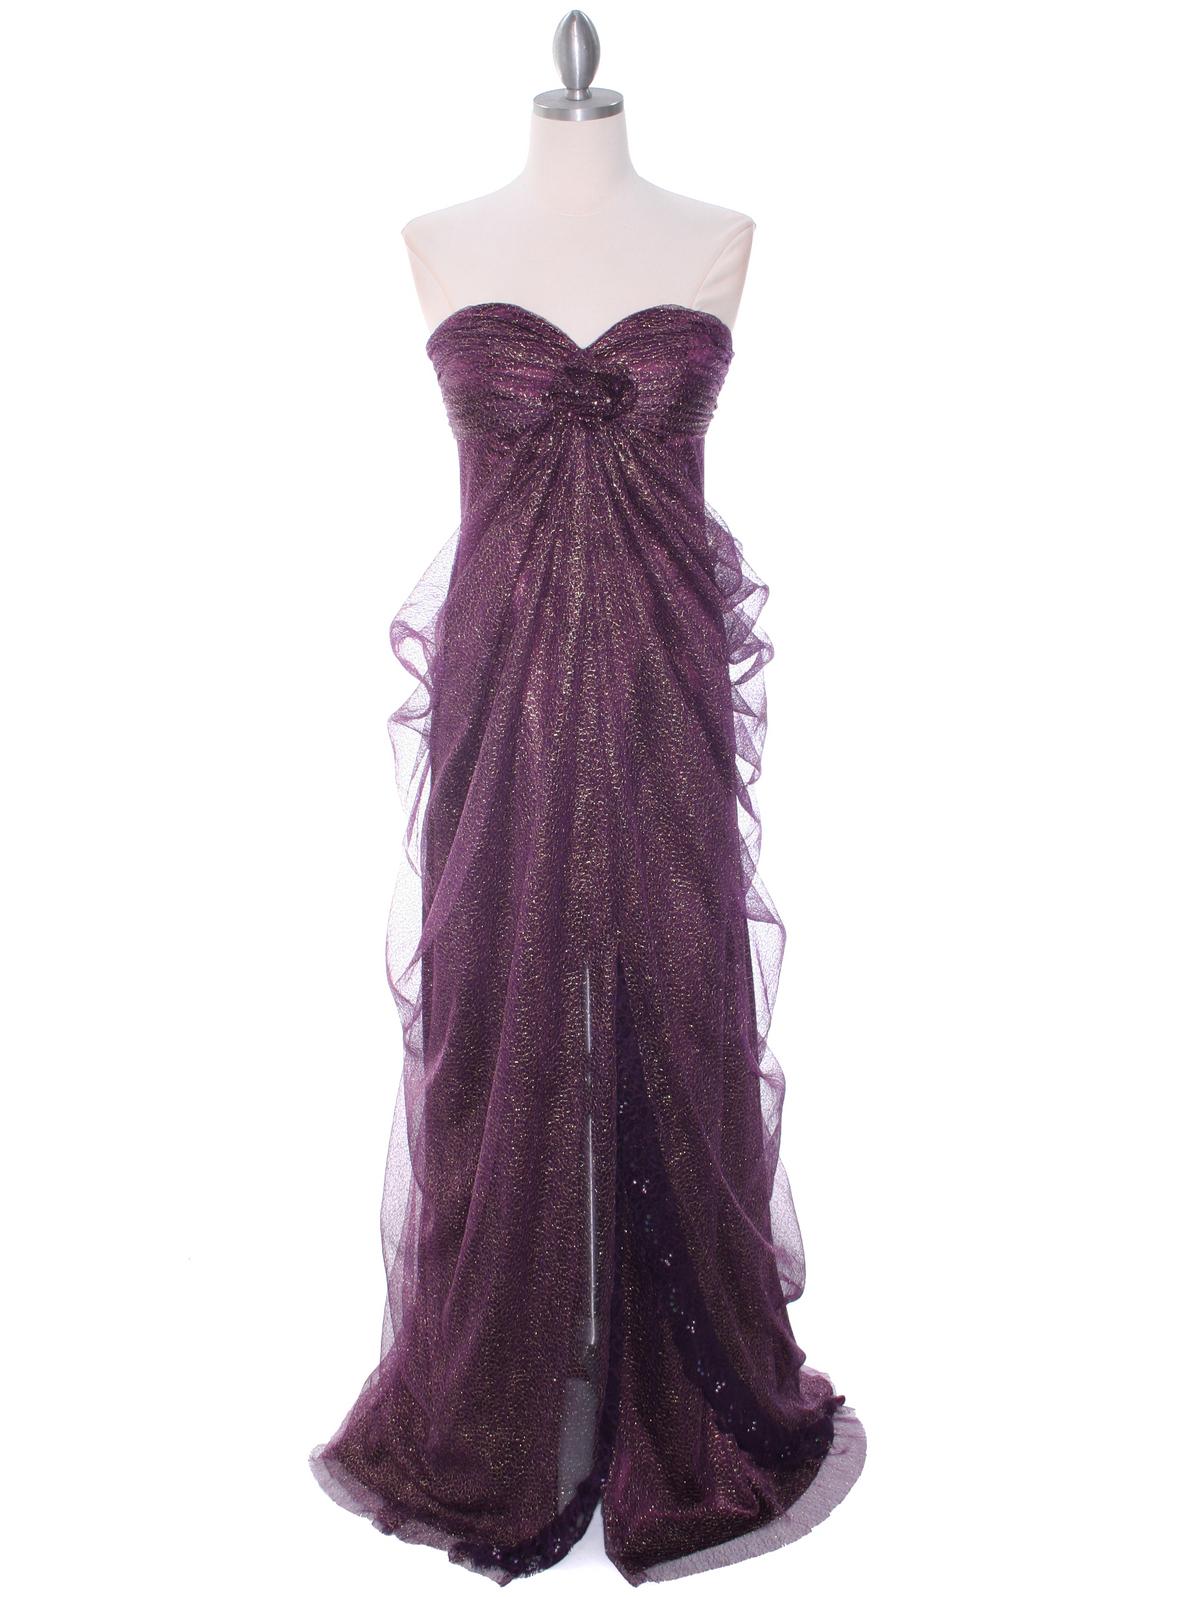 Eggplant Lace Strapless Evening Dress | Sung Boutique L.A.